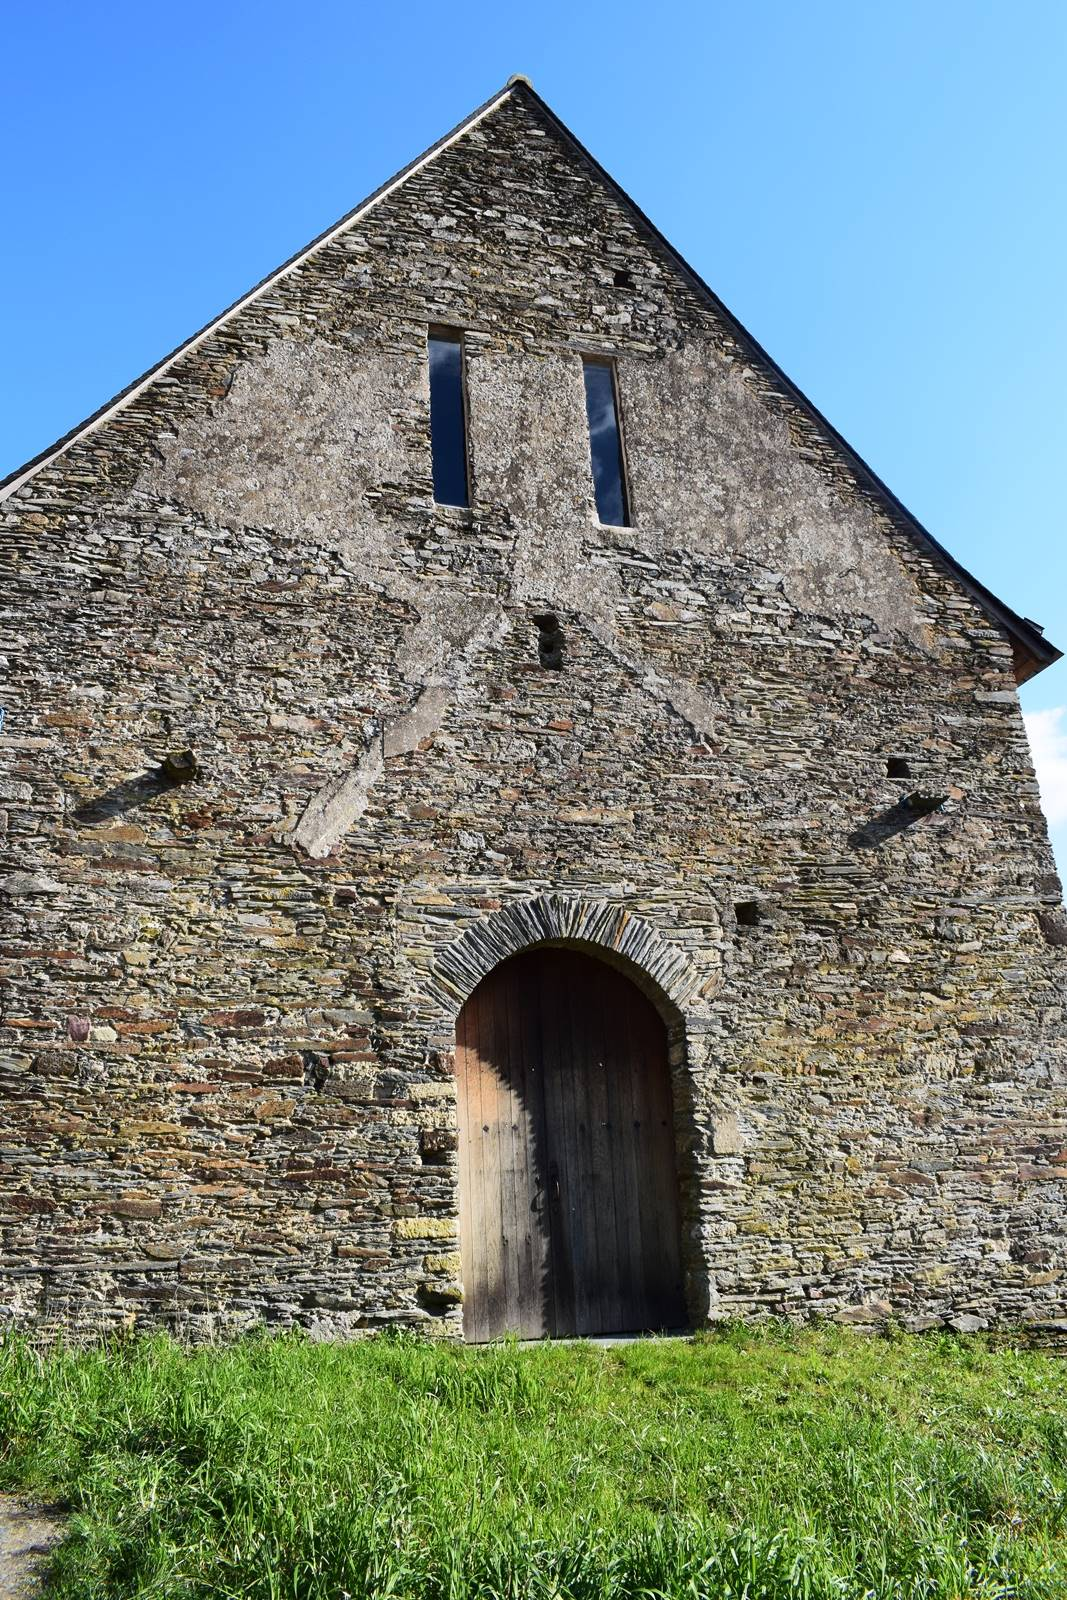 Ancienne eglise du vieux bourg de nozay geocaching